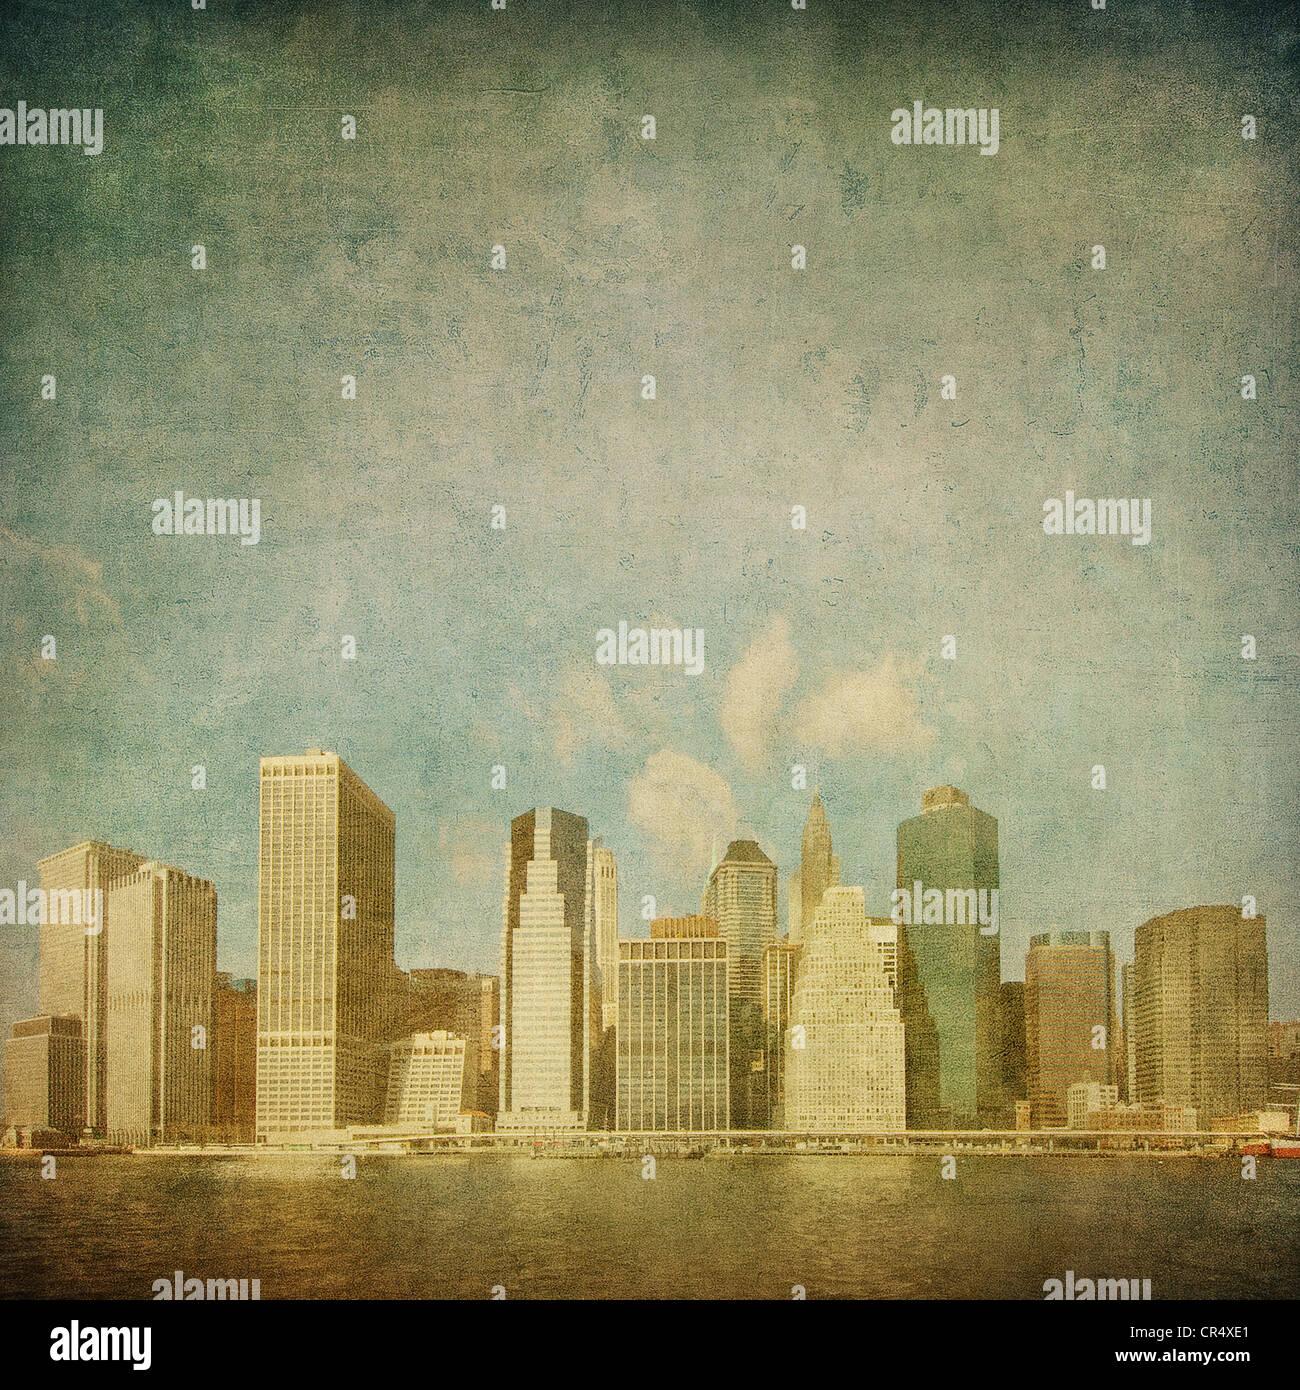 Grunge immagine dello skyline di new york Immagini Stock